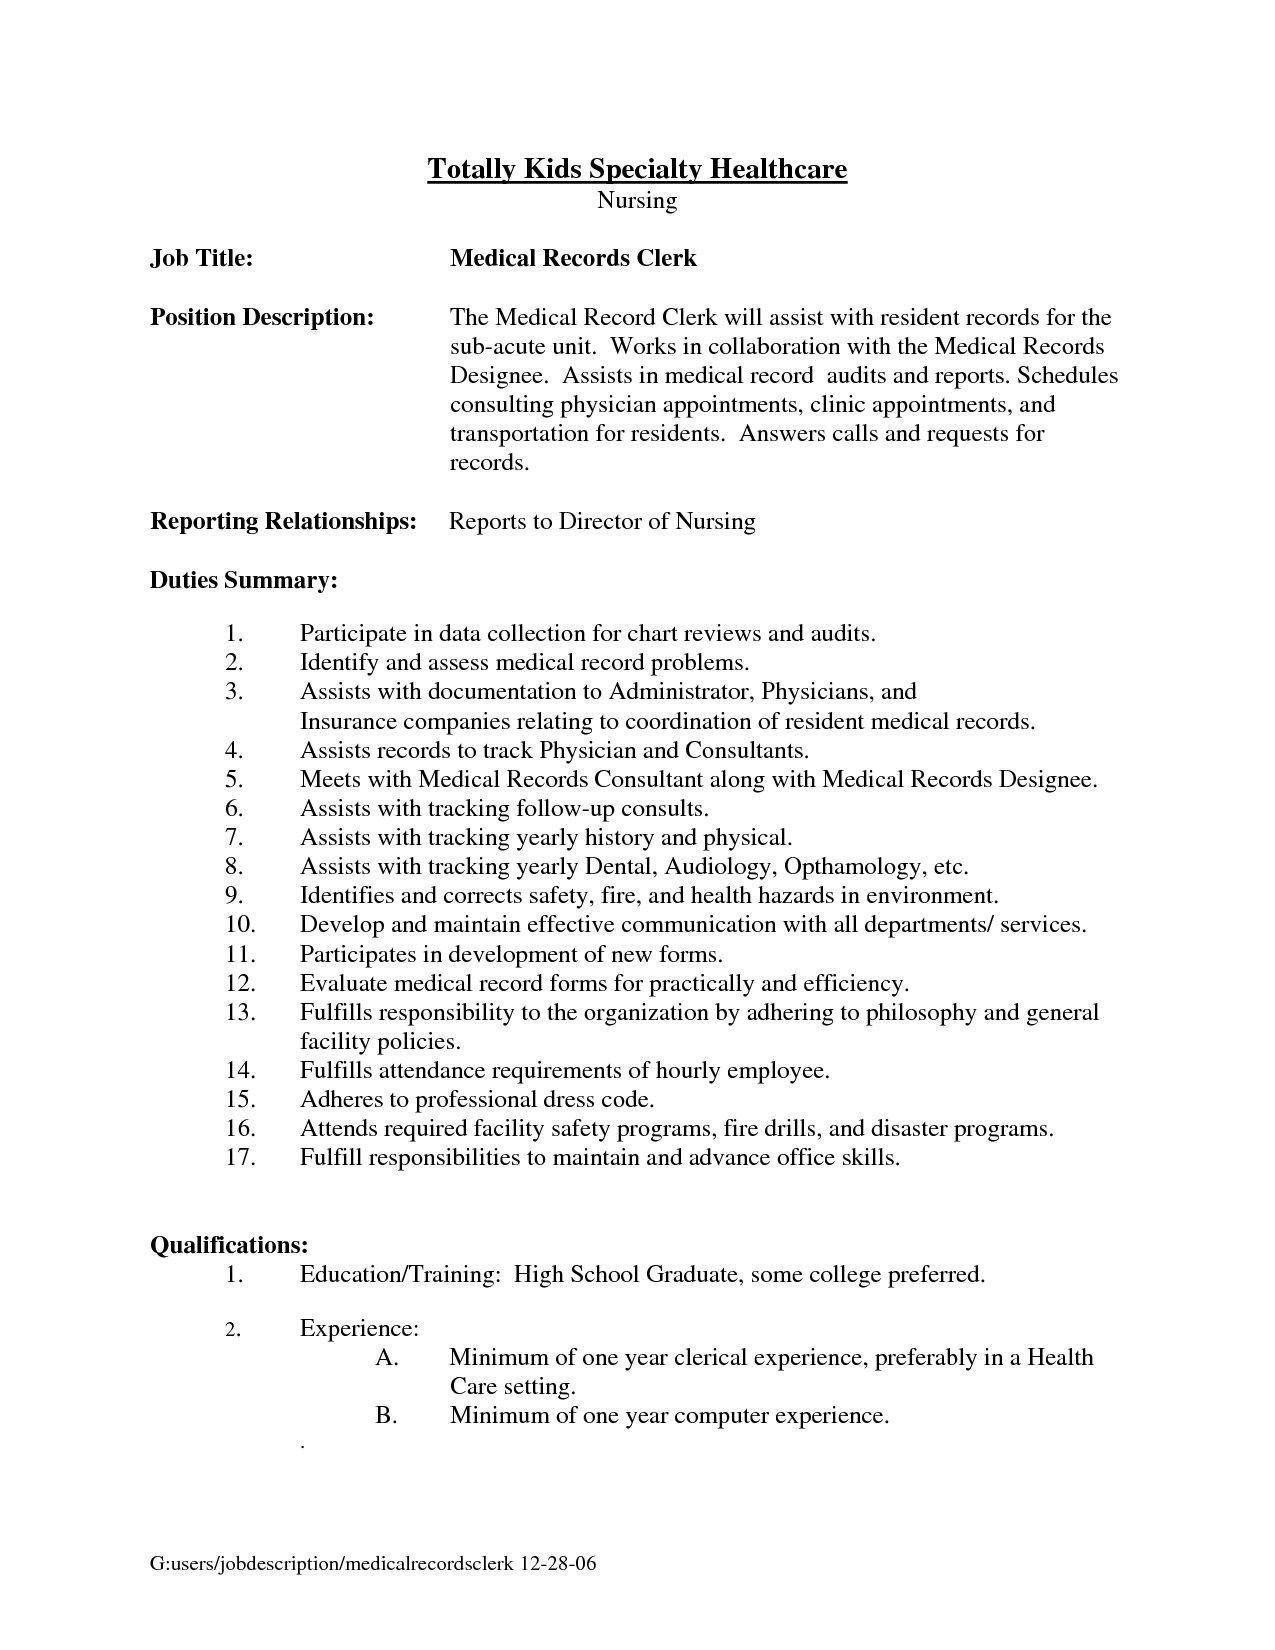 Medical Records Manager Job Description | Job Description Medical Records Naturalrugs Store